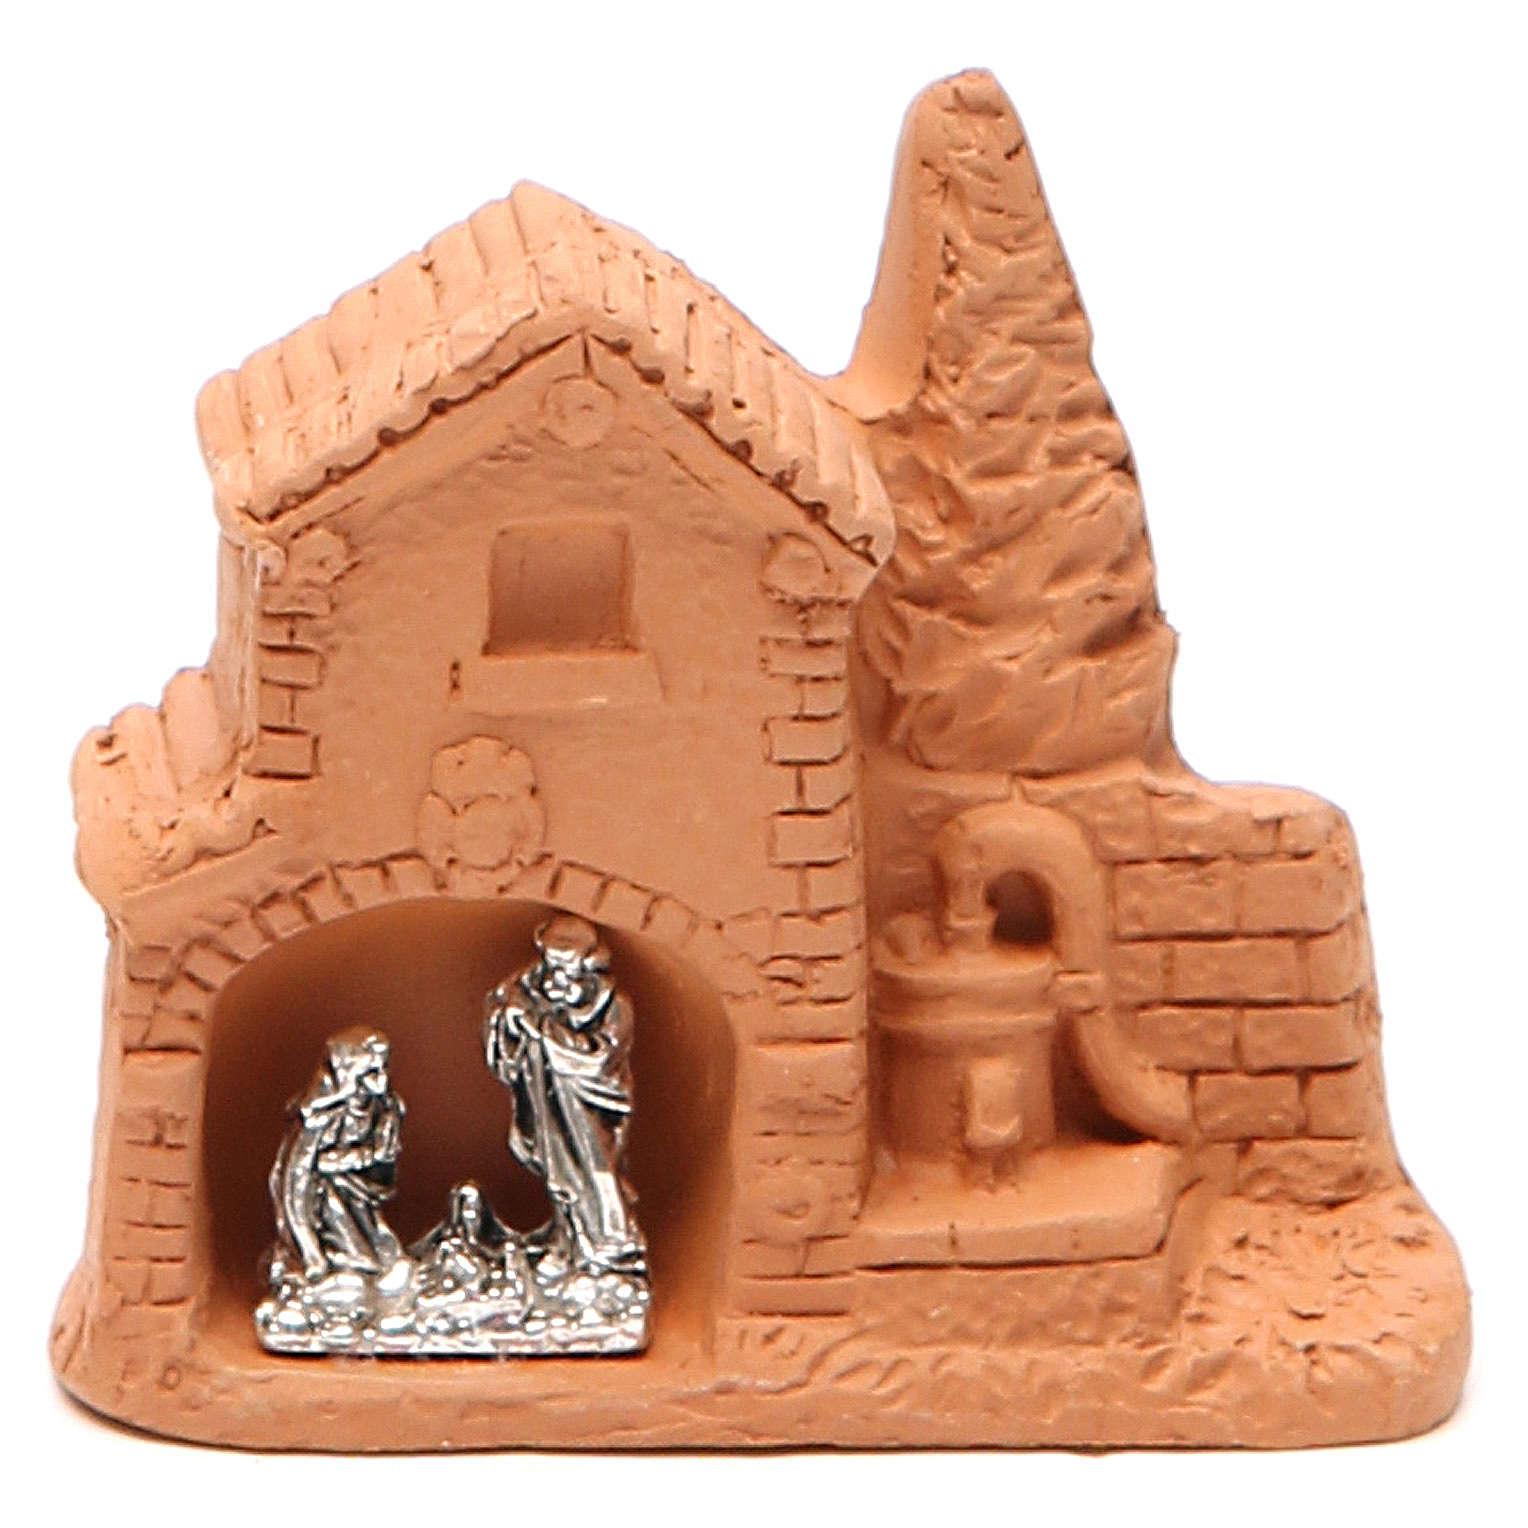 Cabaña y natividad miniatura terracota natural 6x7x3 cm 4